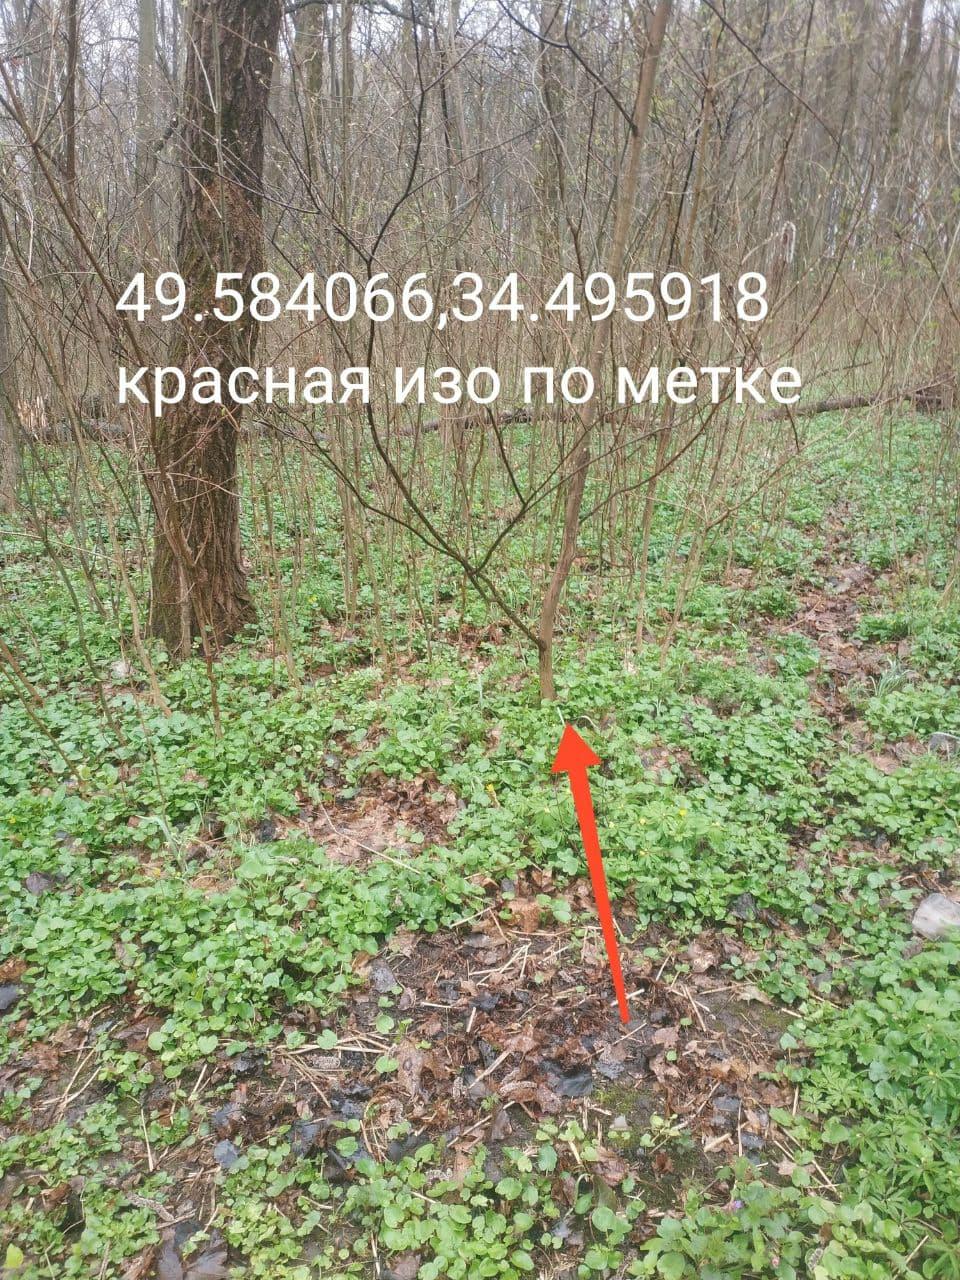 photo 2021 04 15 15 50 02